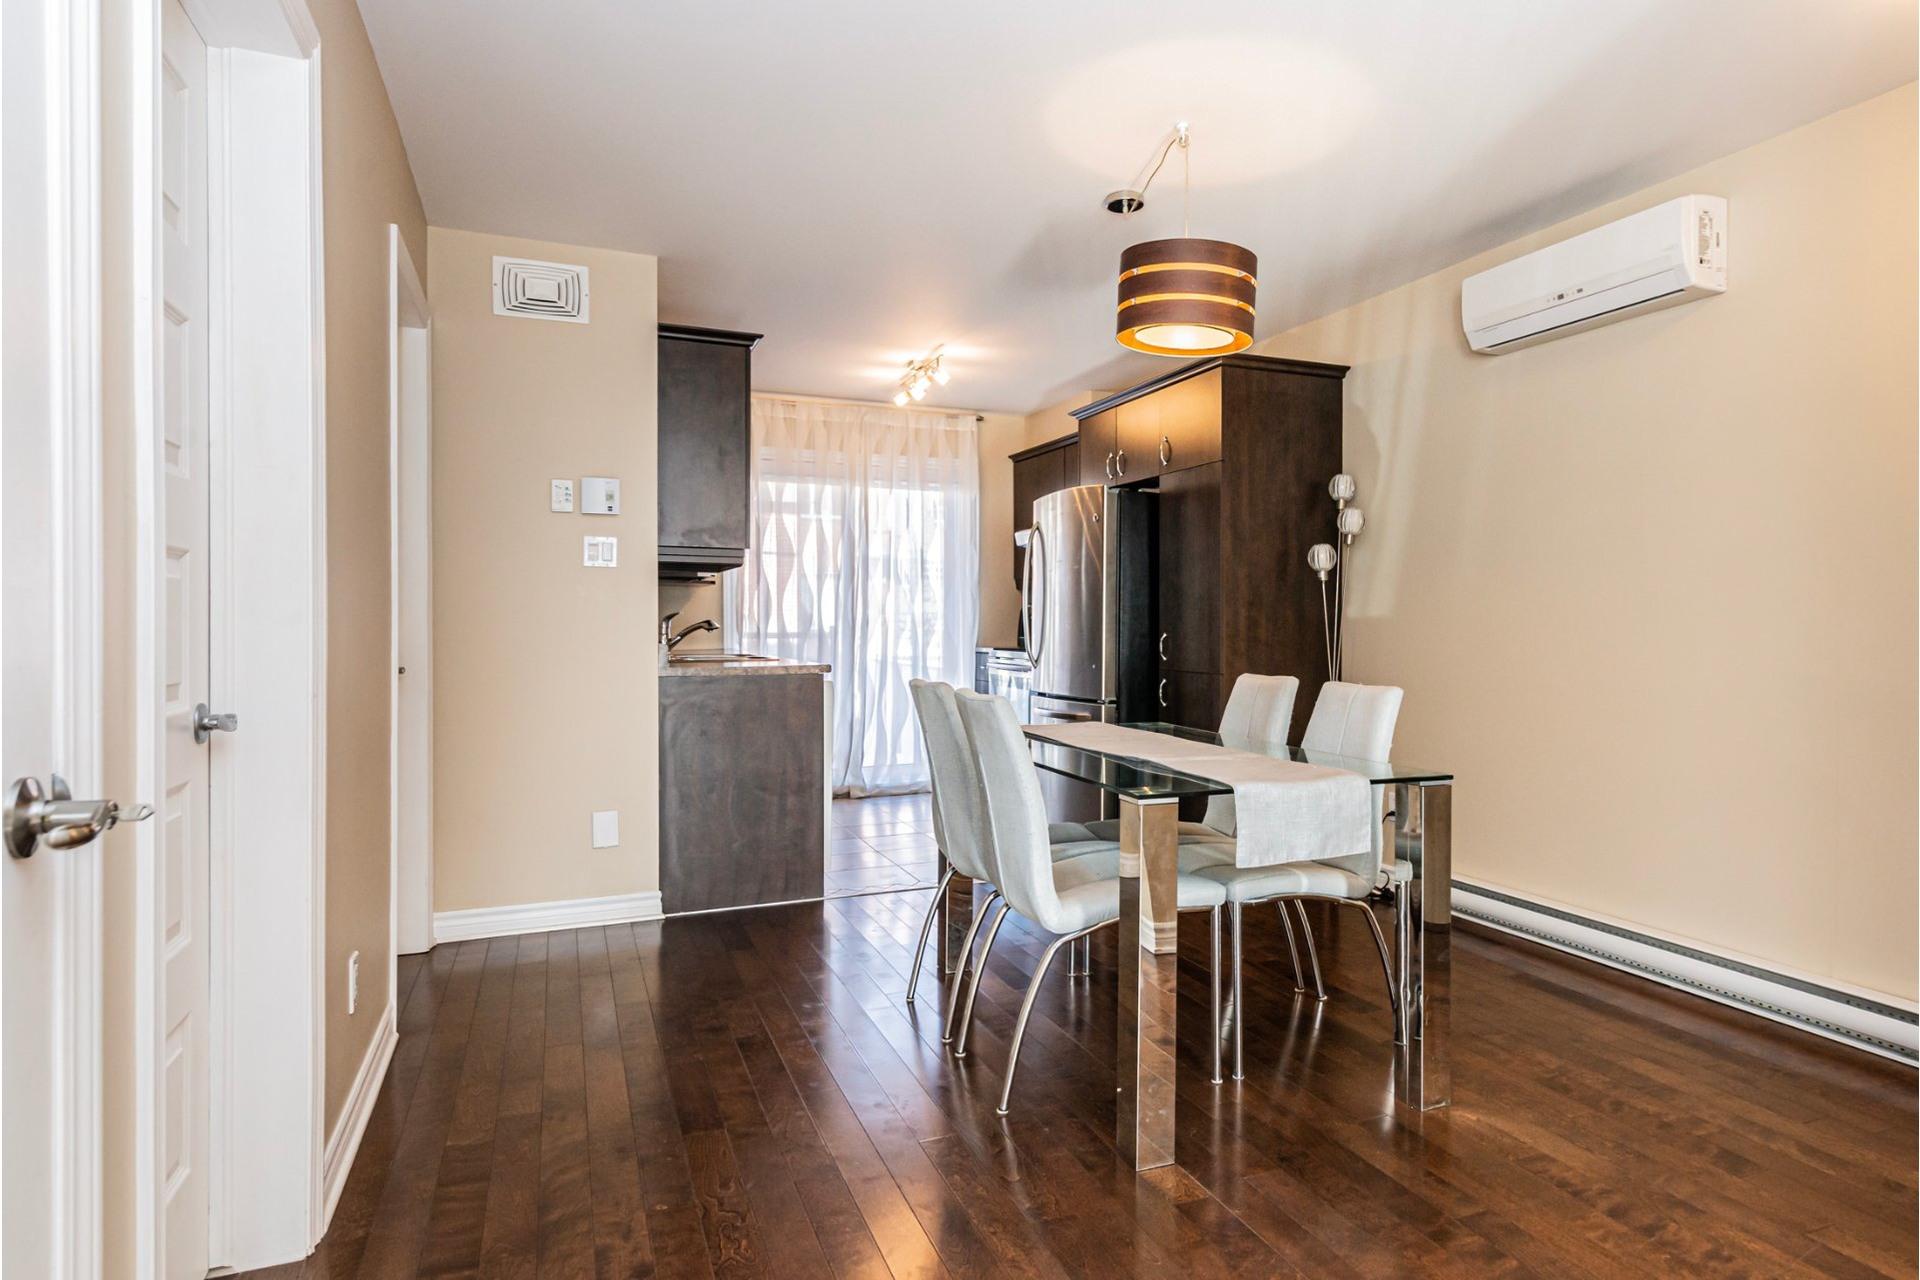 image 9 - Appartement À vendre Lachine Montréal  - 11 pièces